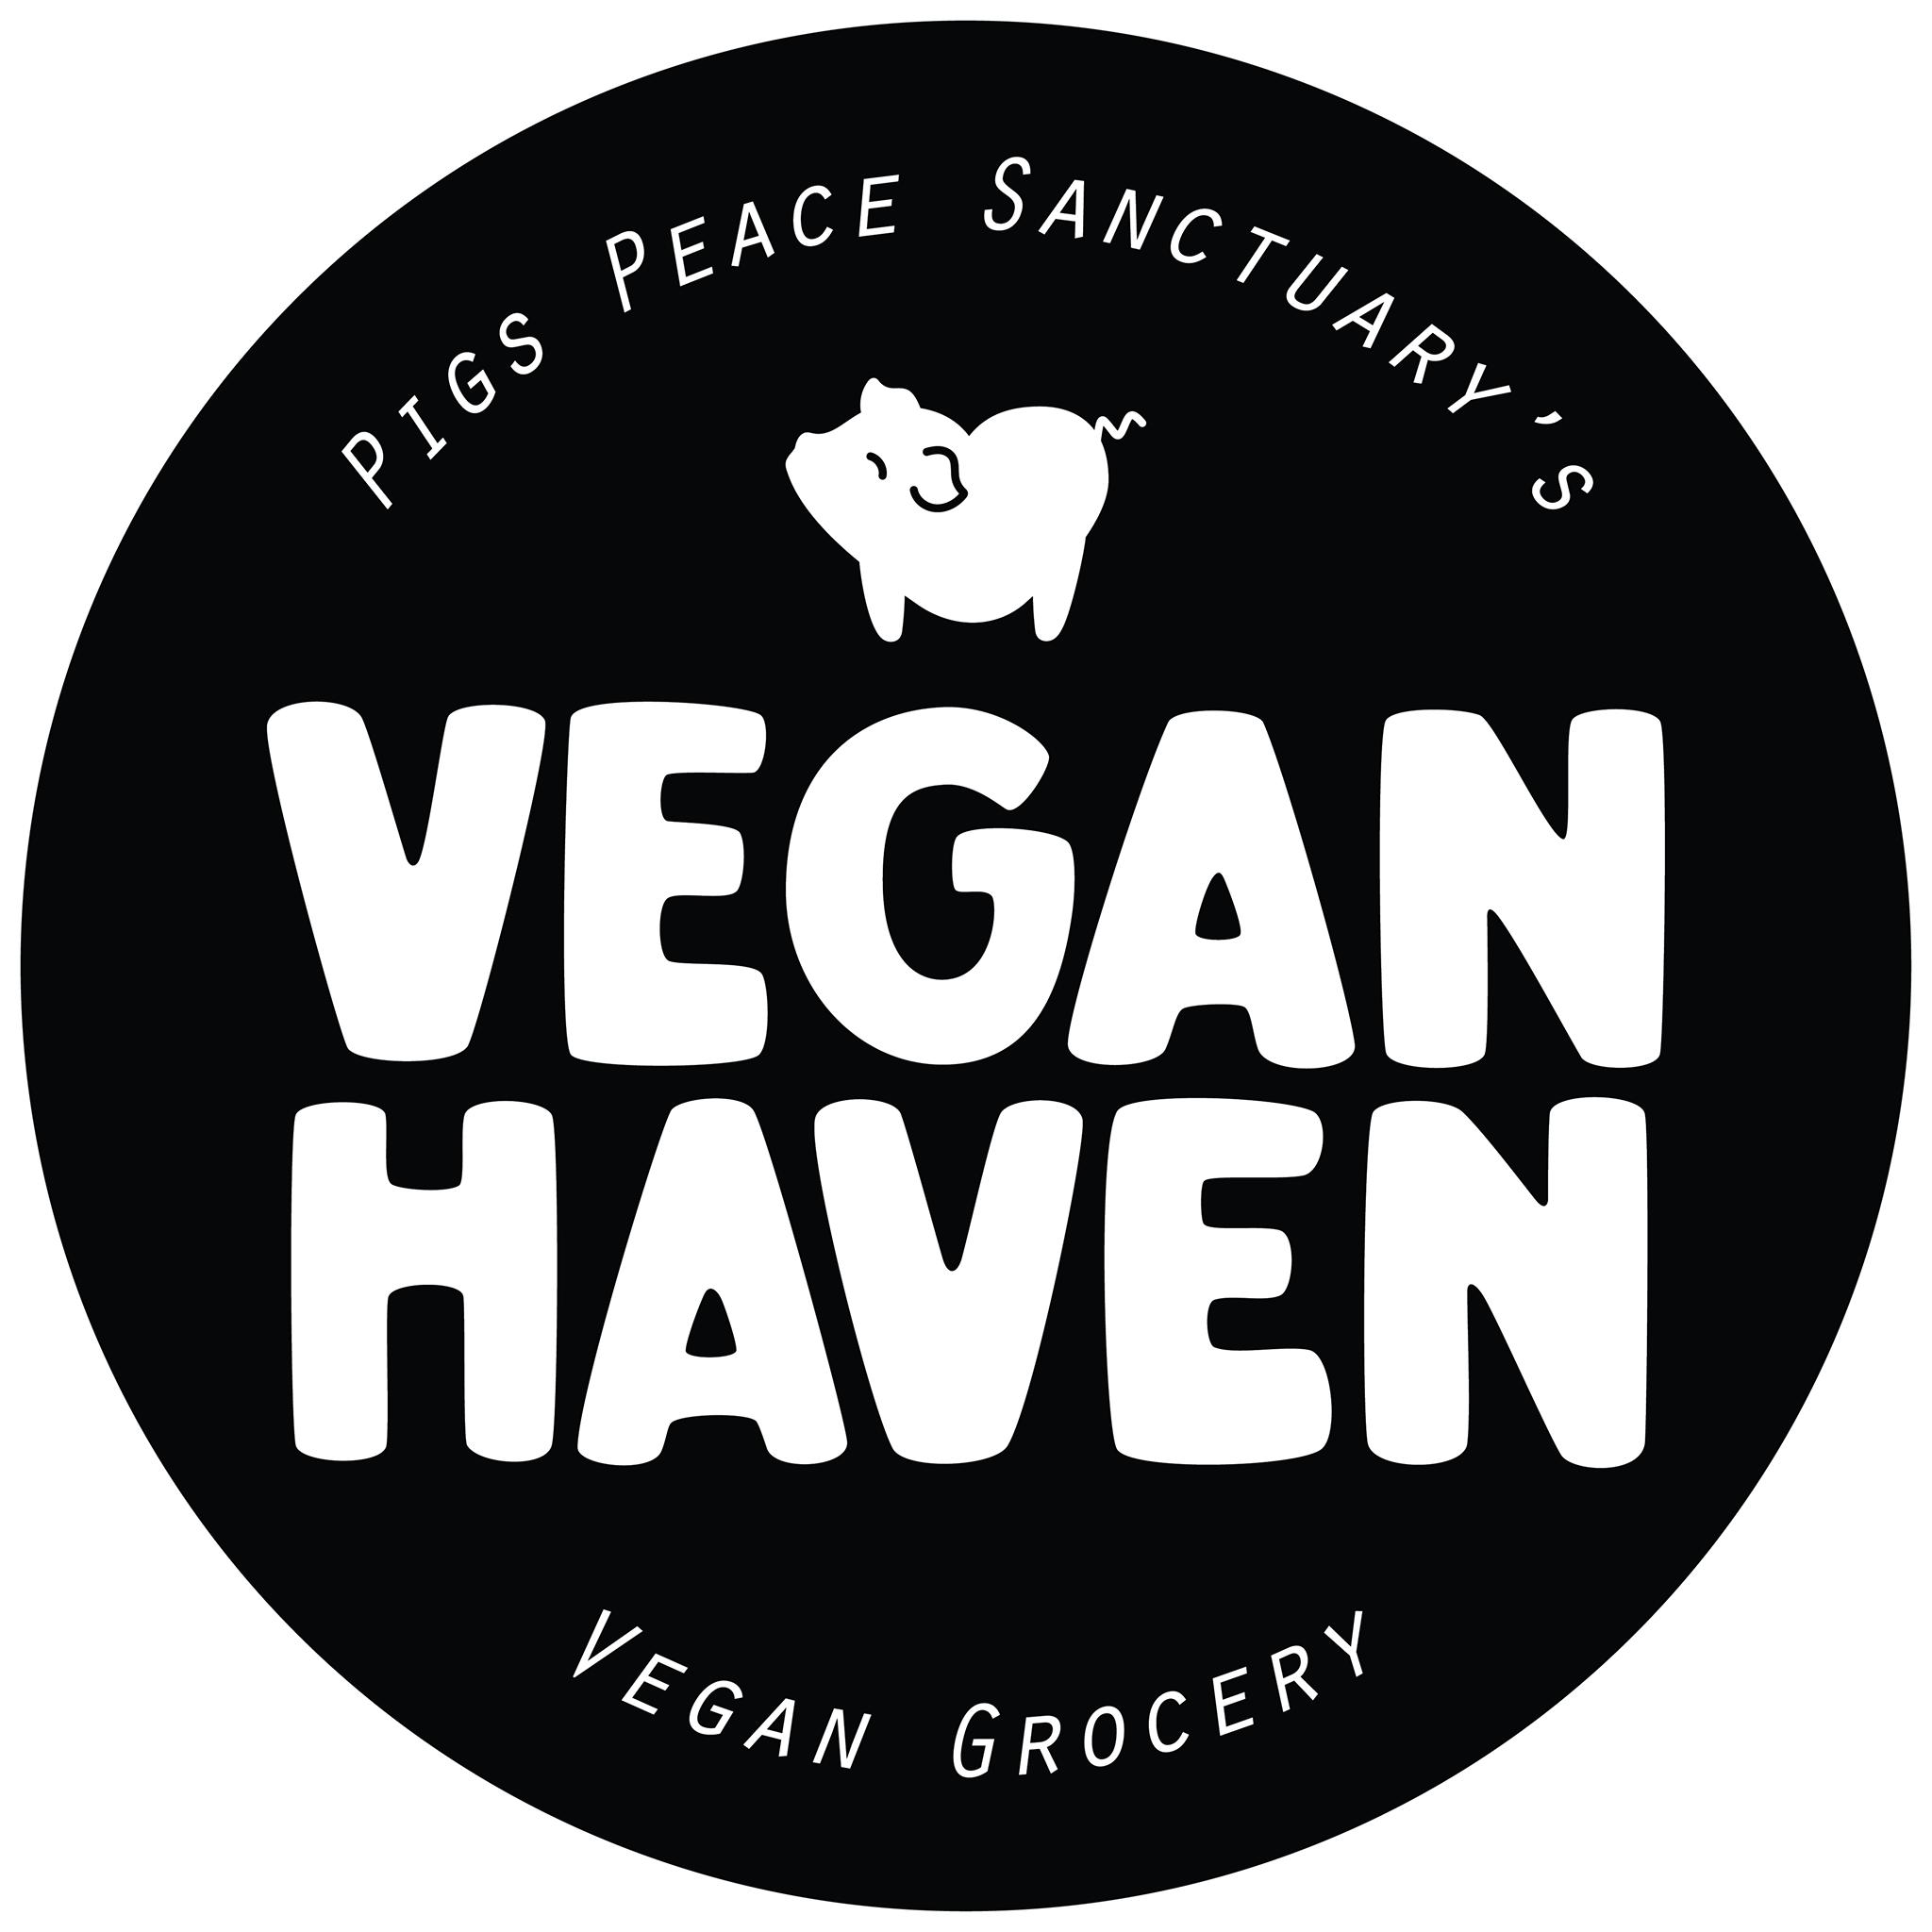 Vegan Haven Grocery